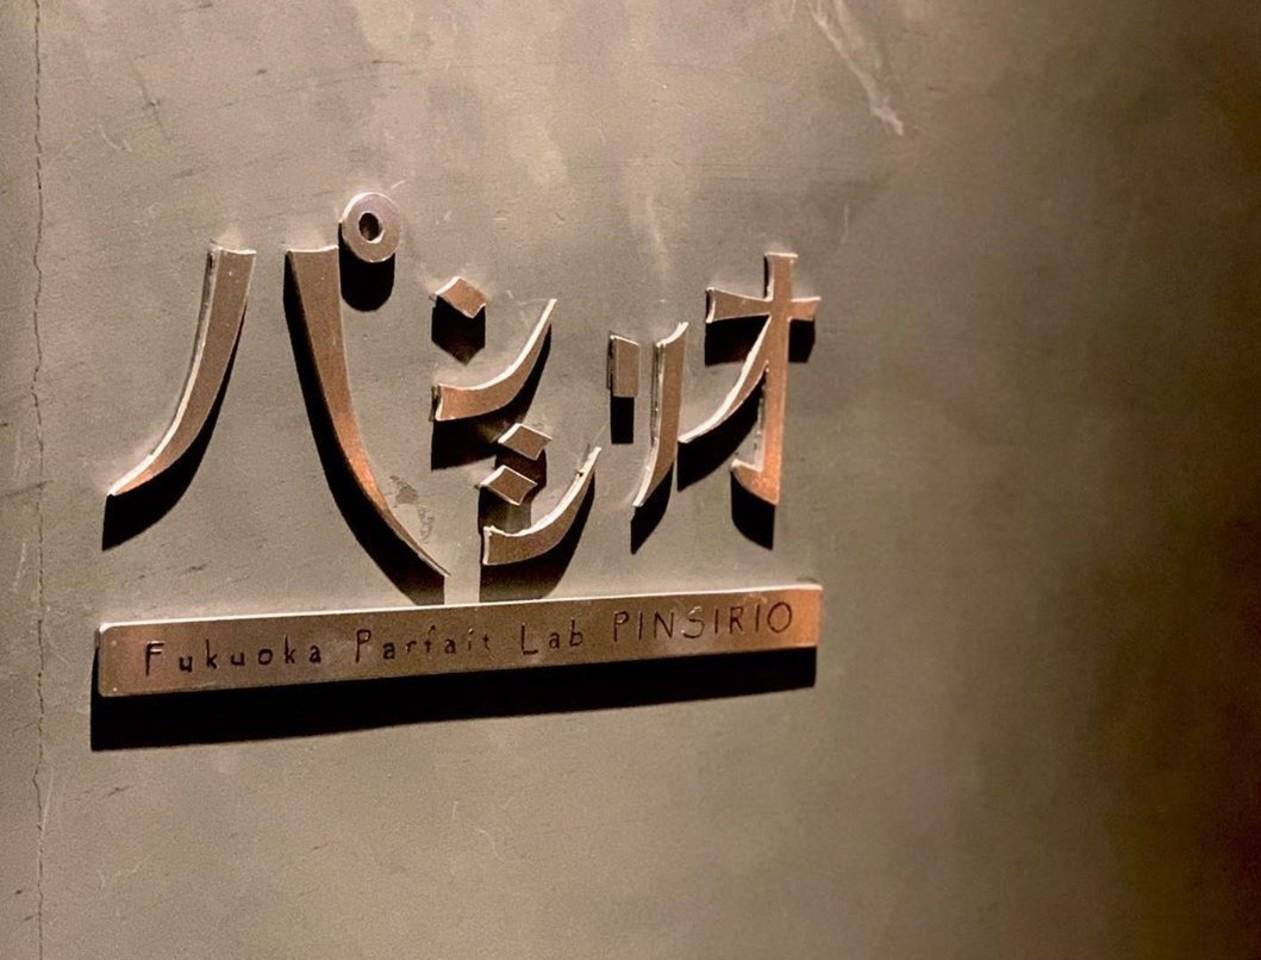 ひとつひとつを丁寧に。。福岡県福岡市中央区黒門にパフェのお店『パンシリオ』オープン